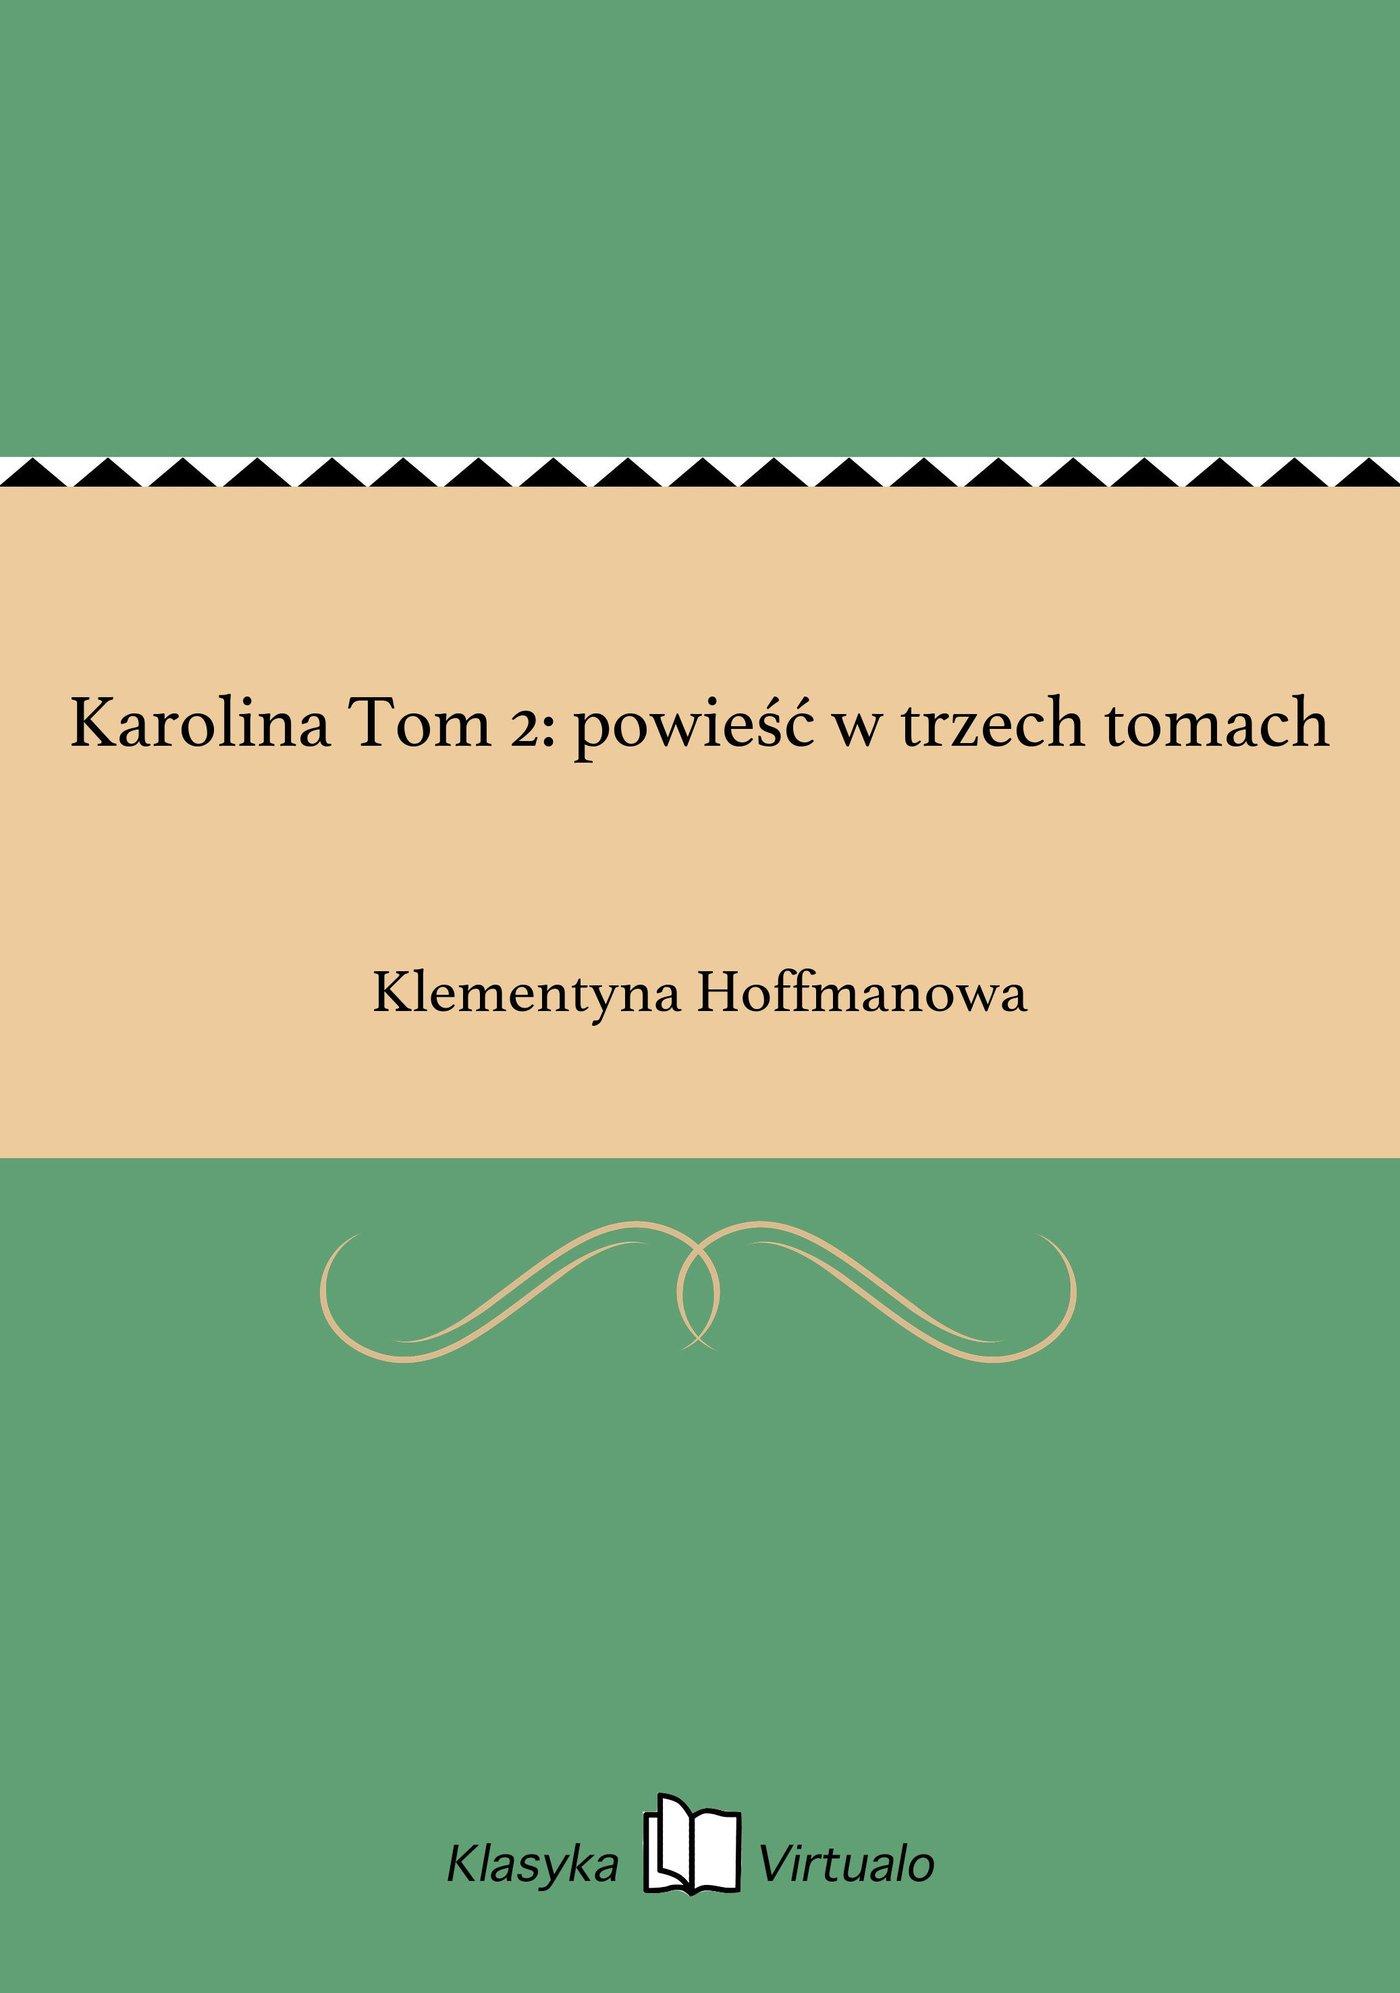 Karolina Tom 2: powieść w trzech tomach - Ebook (Książka EPUB) do pobrania w formacie EPUB